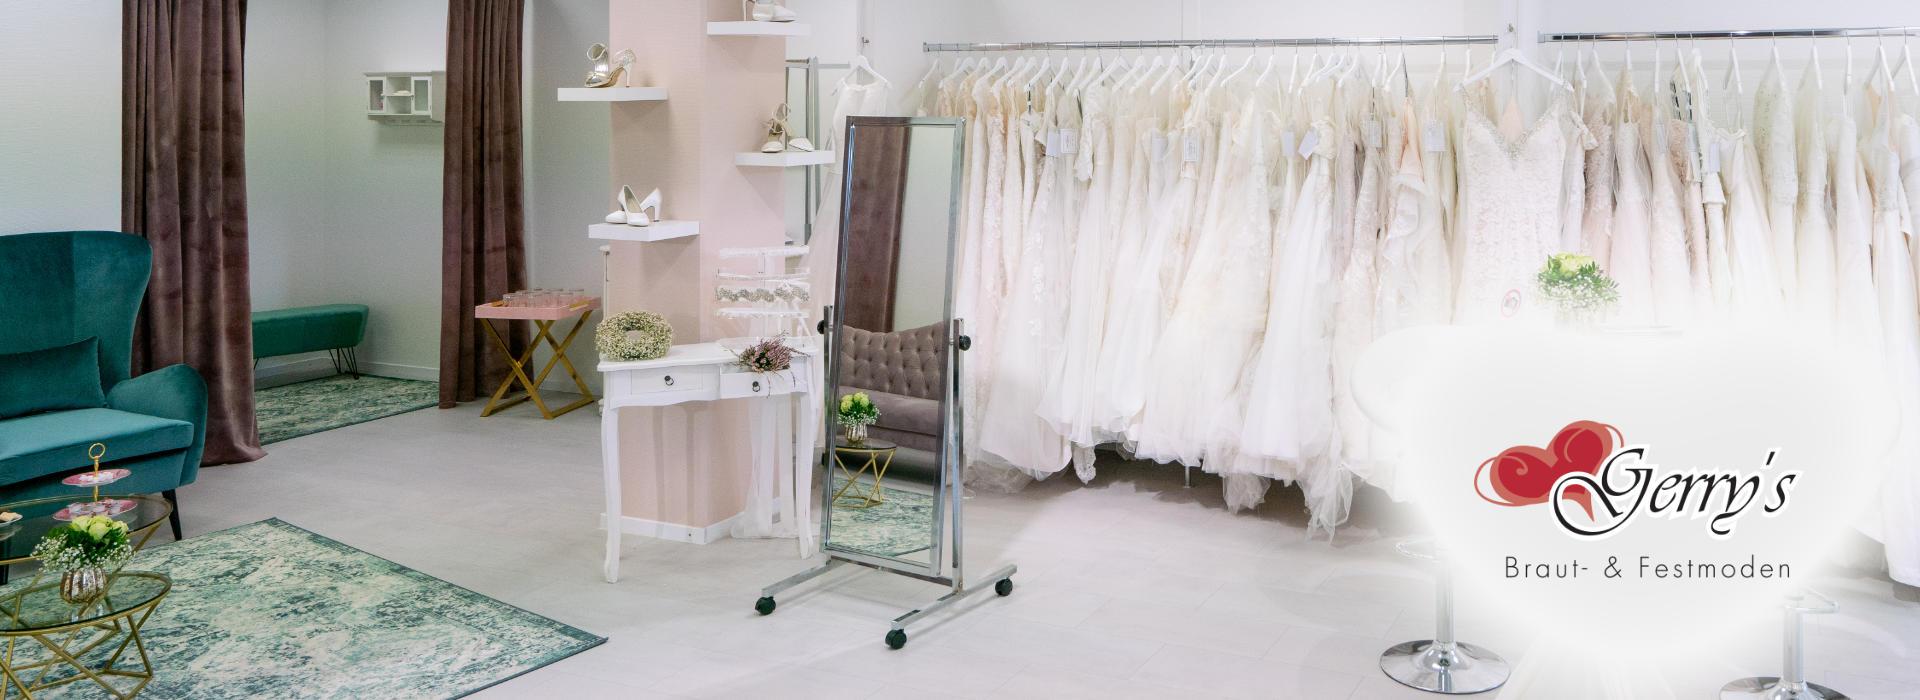 Gerrys Brautkleider und Accessoires